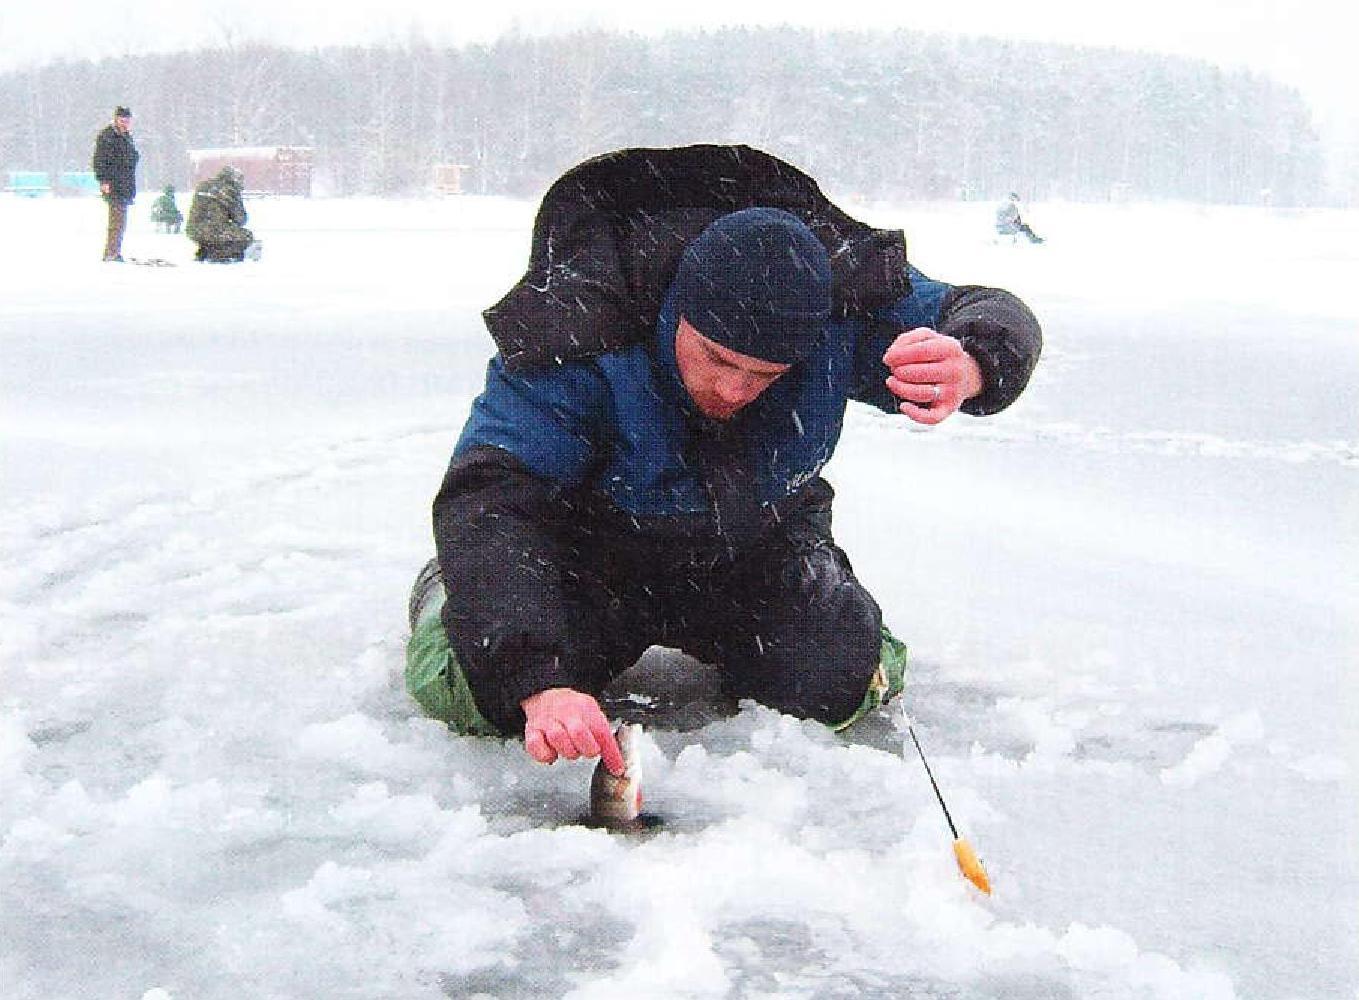 изготовление прикормки для рыбалки в домашних условиях